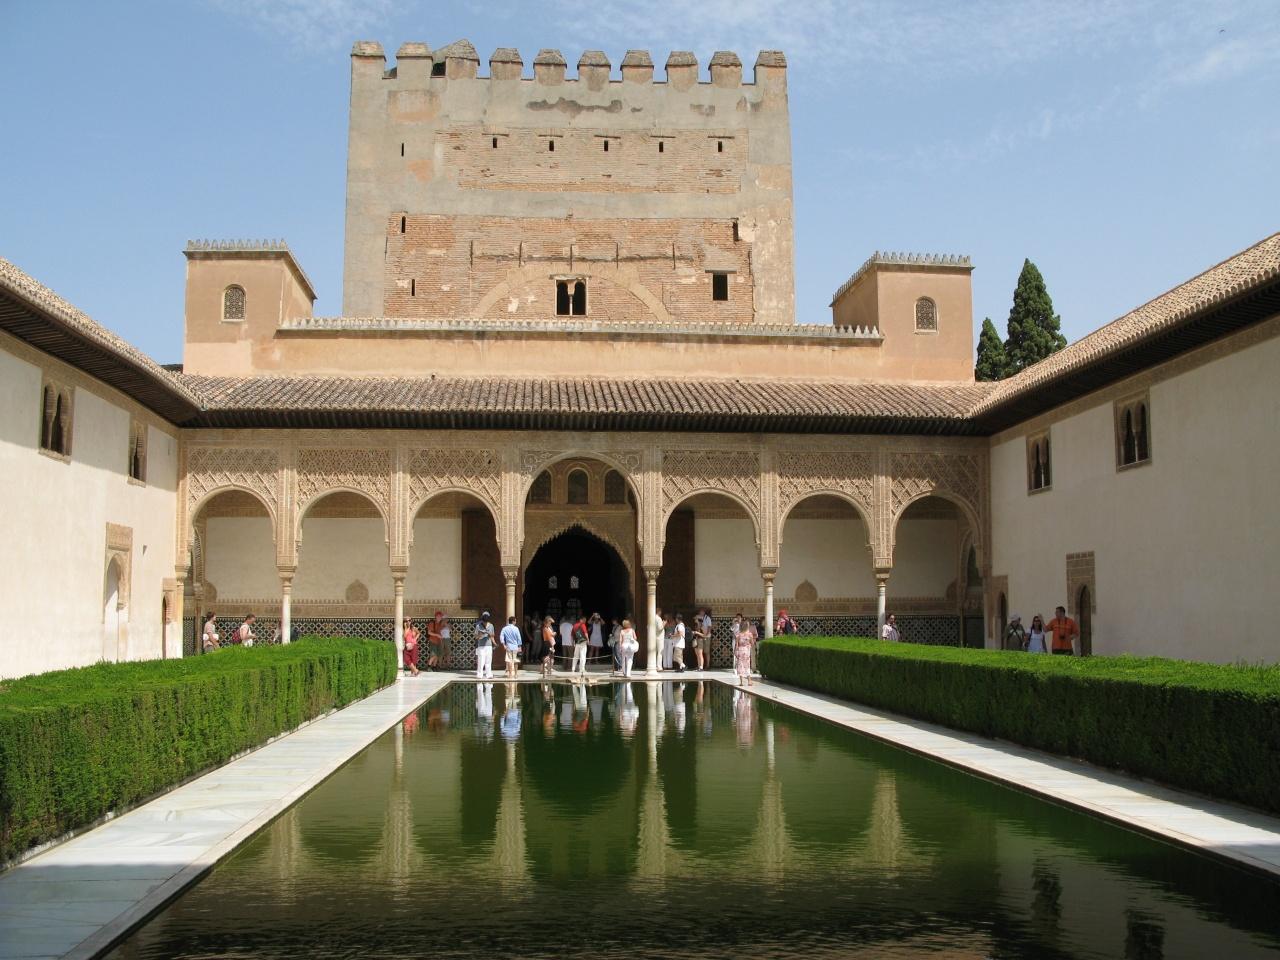 قصر الحمراء شاهد على روعة الحضارة الإسلامية  Hamrraa%20%2813%29